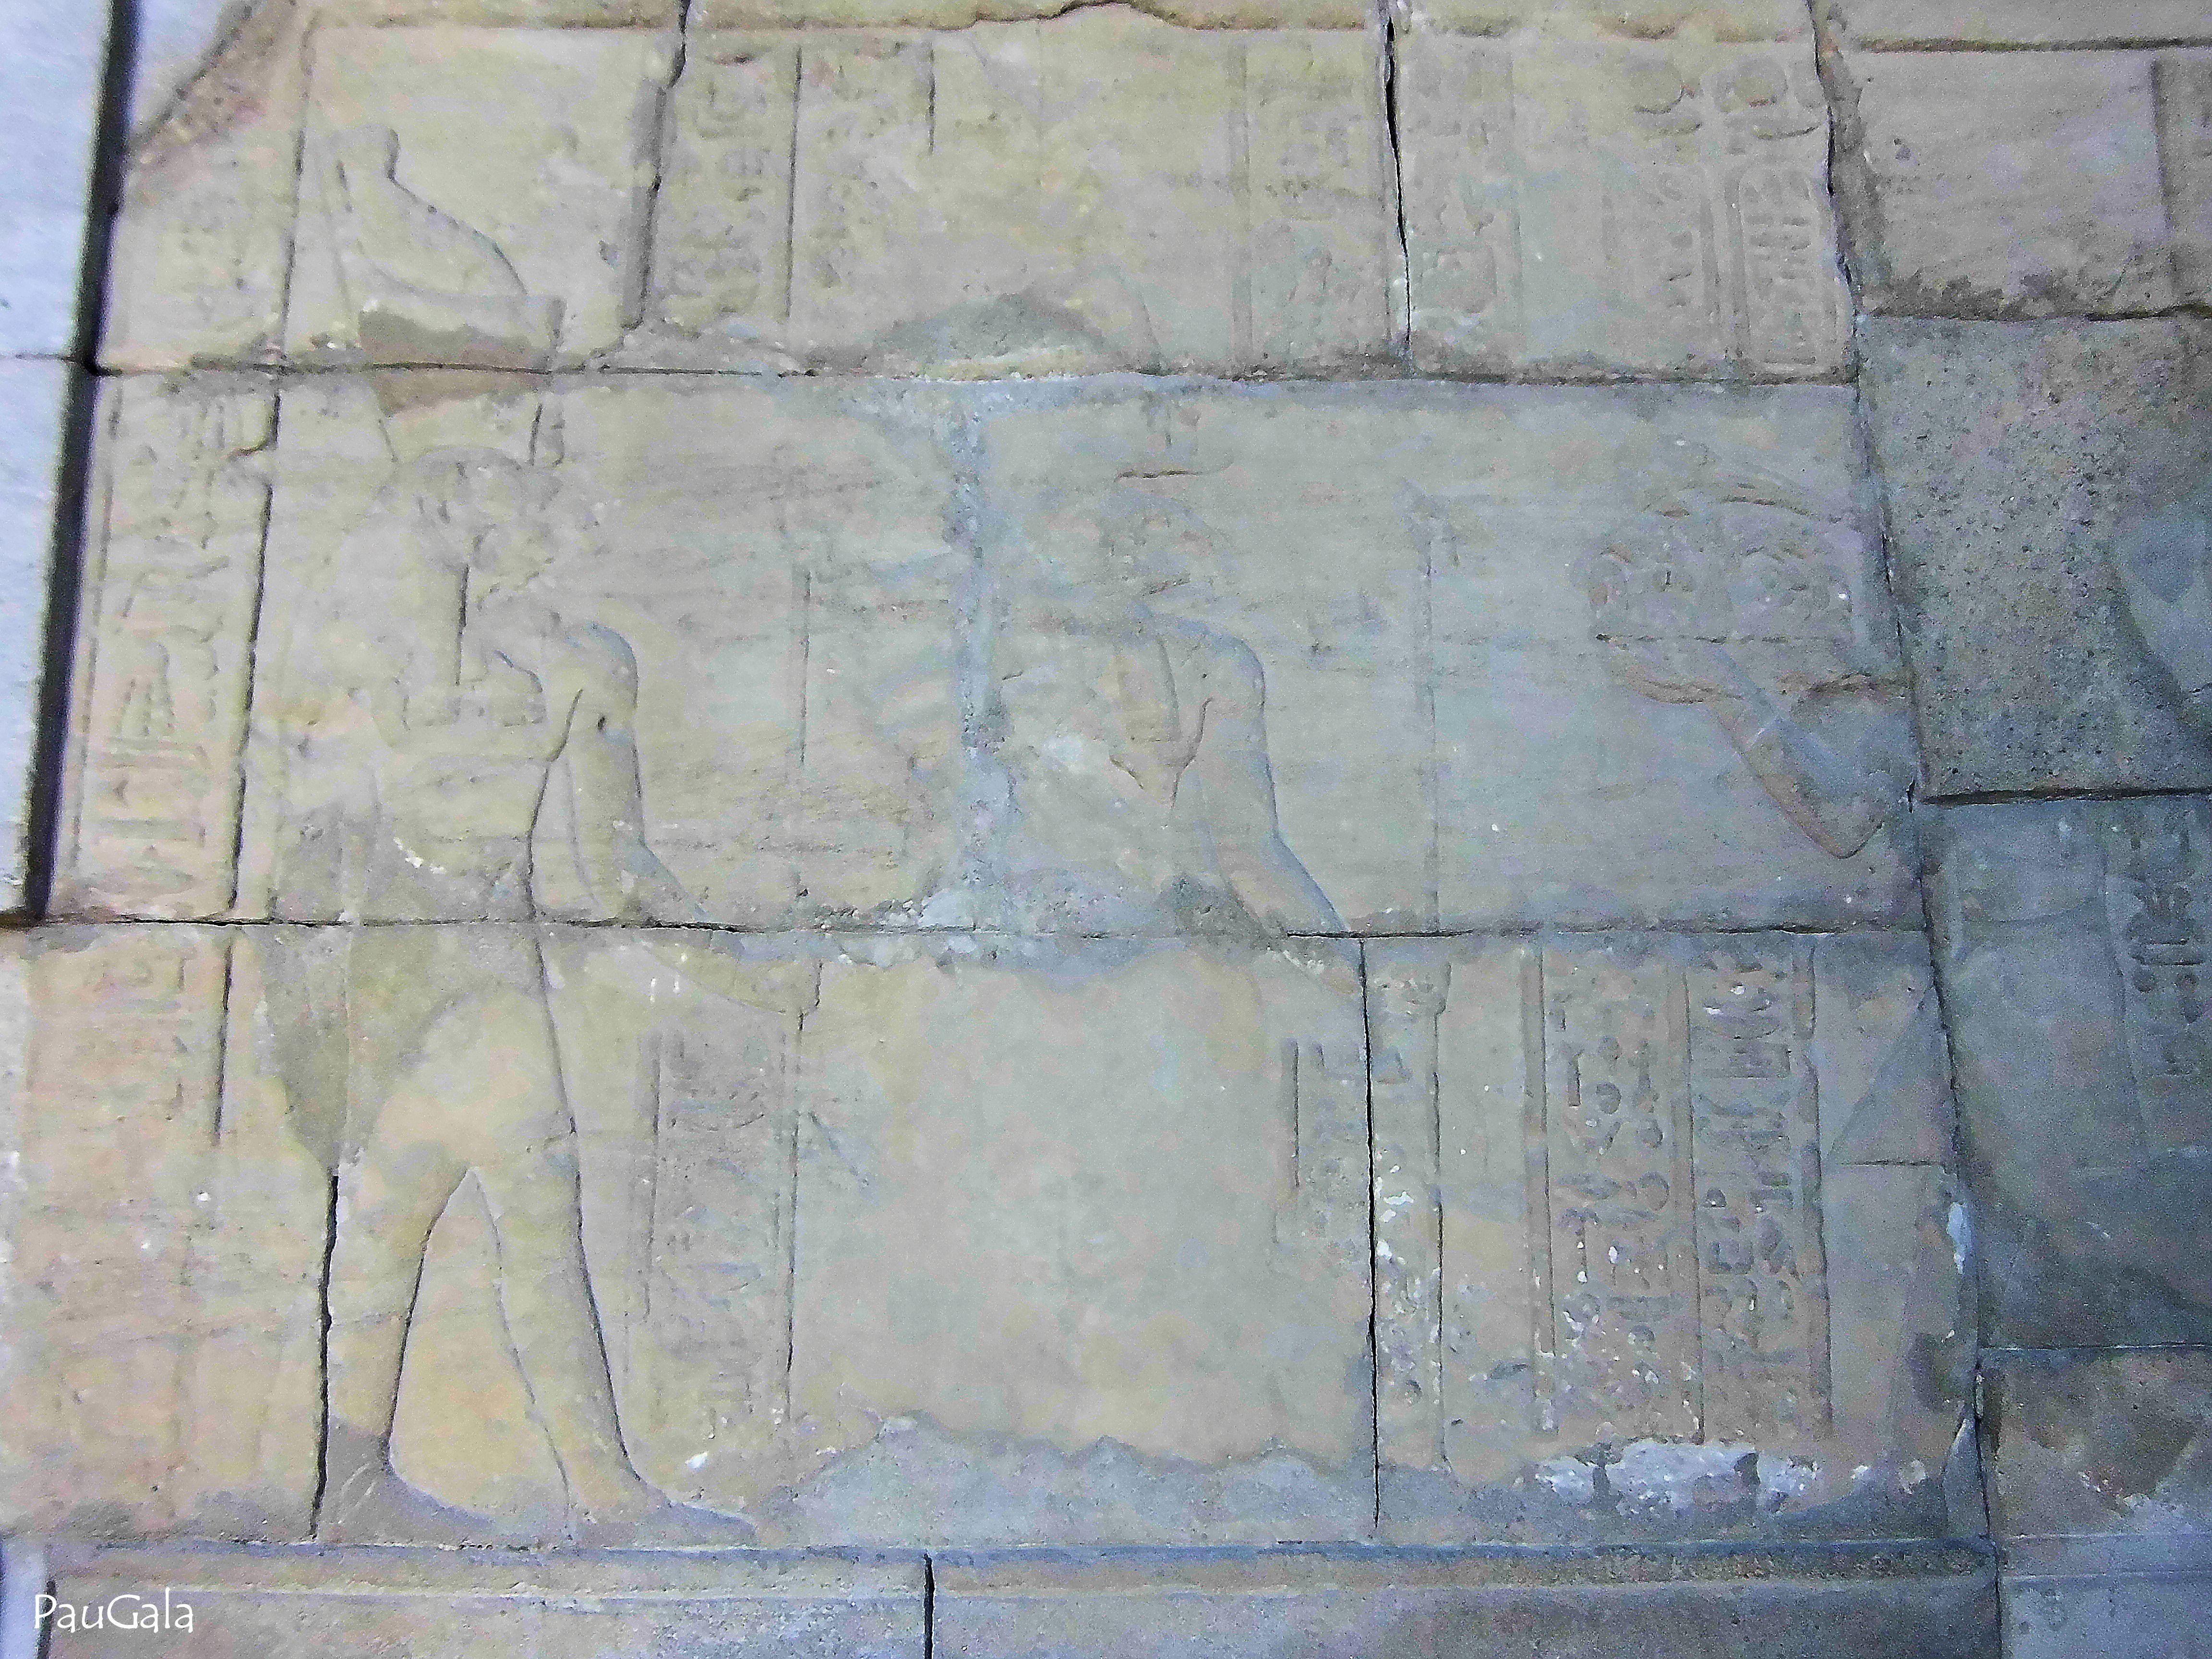 Relieve del Pronaos Después del 24 a.c. El emperador romano Octavio Augiusto en la derecha ofrece a los dioses Amón y Mahesa una bandeja con alimentos. Templo egipcio de Debot. Madrid